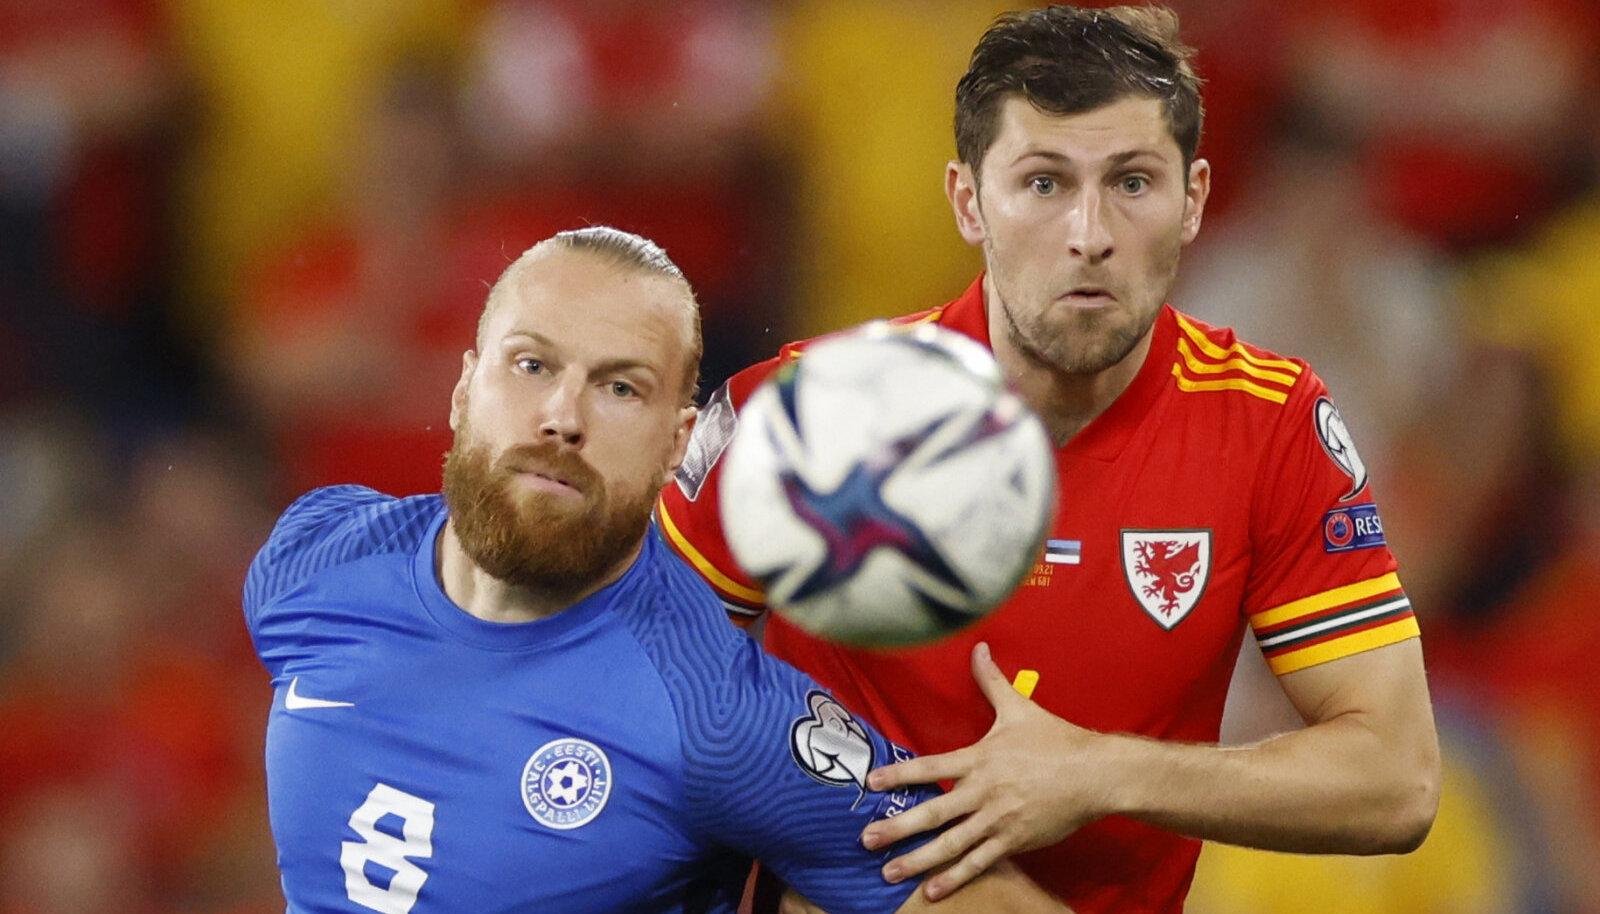 Henri Anier ja Ben Davies heitlemas palli nimel 8. septembril toimunud valikmängus. Davies kordusmatšis Walesi aidata ei saa.